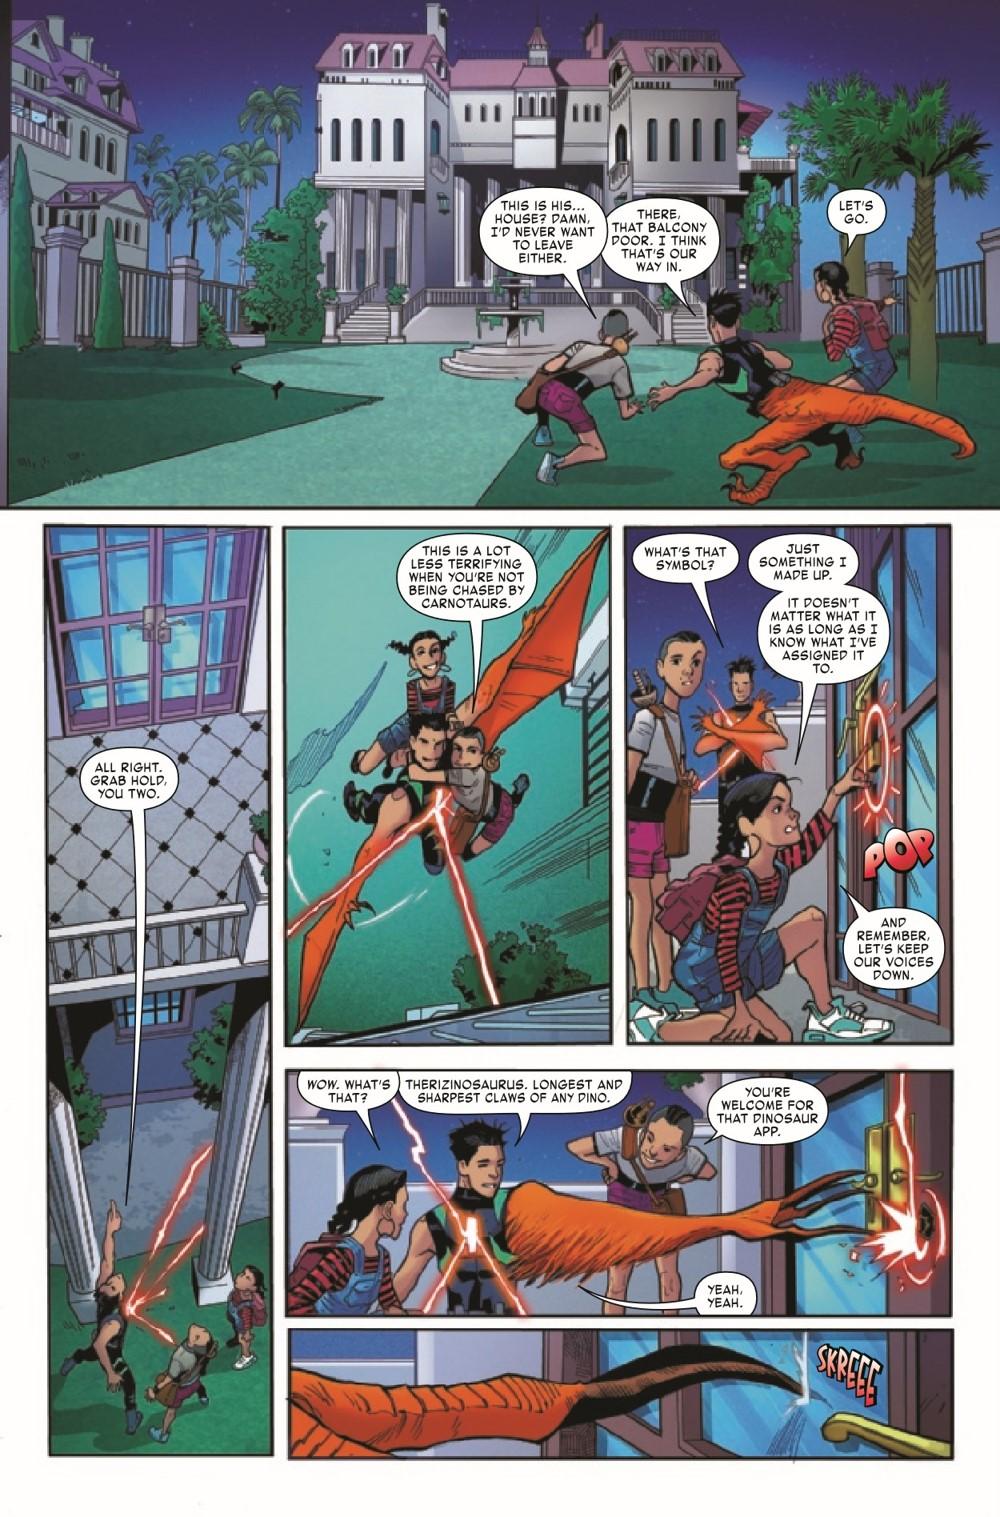 REPTIL2021003_Preview-4 ComicList Previews: REPTIL #3 (OF 4)